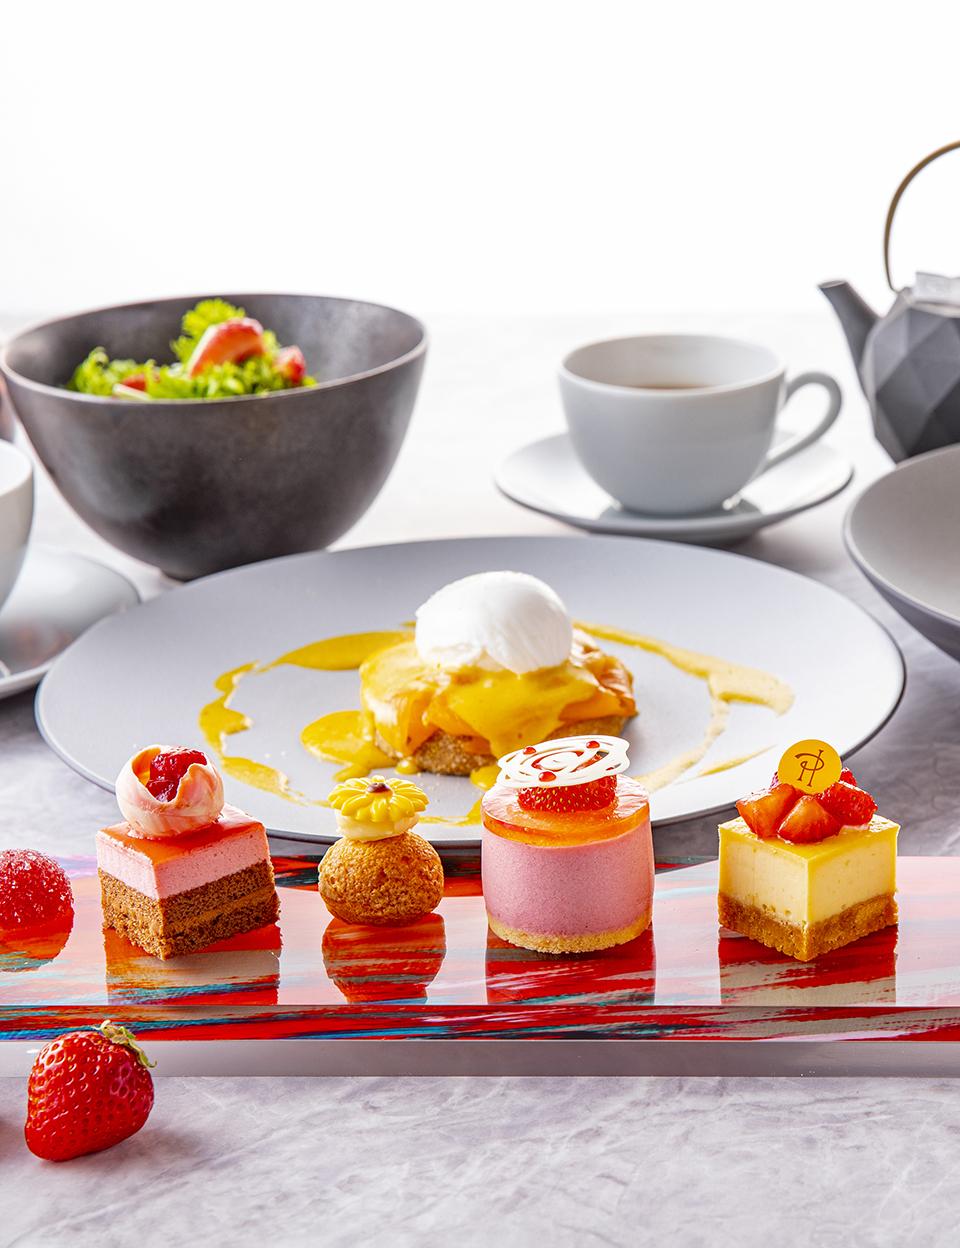 キンプトン新宿東京で楽しむ、ディストリクト×ピエール・エルメ・パリの美食コラボ。